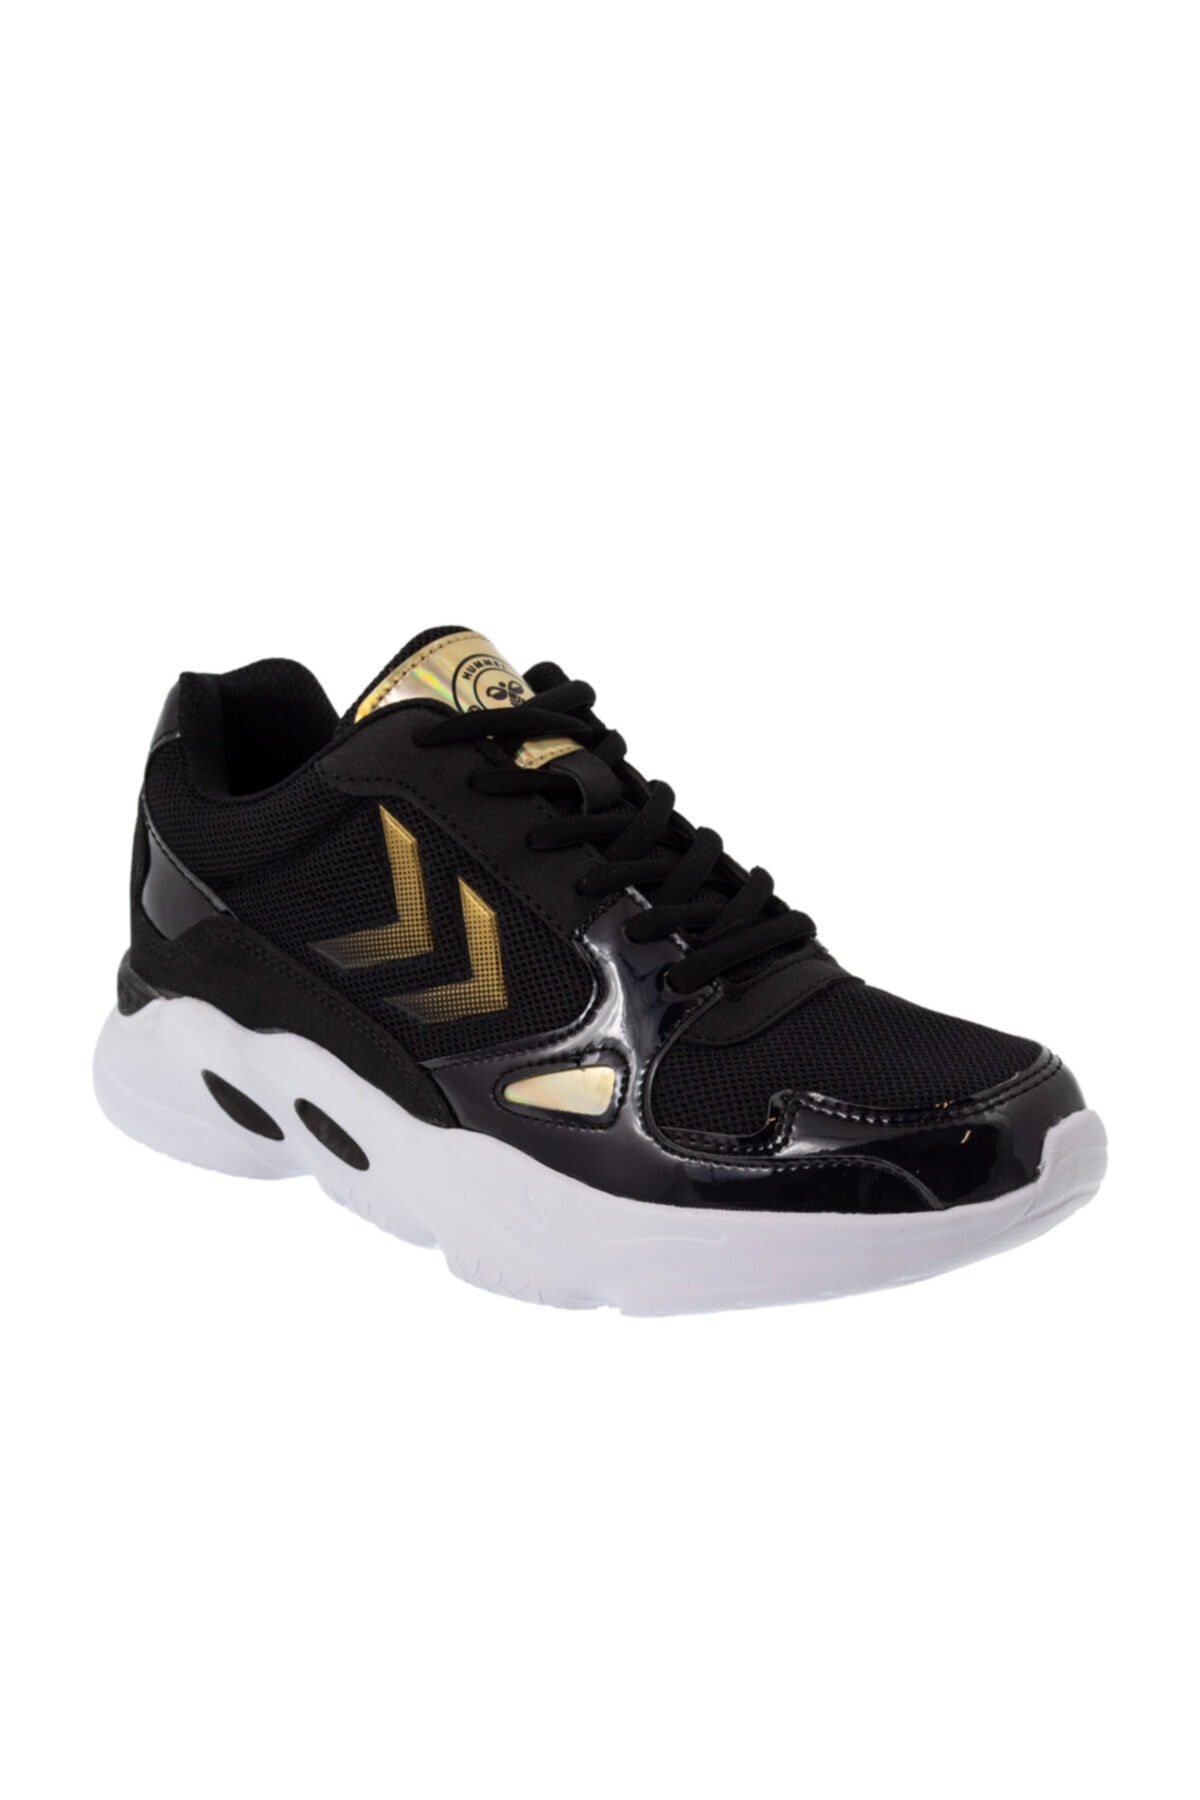 York Glam Kadın Siyah Spor Ayakkabı (207908-2001)